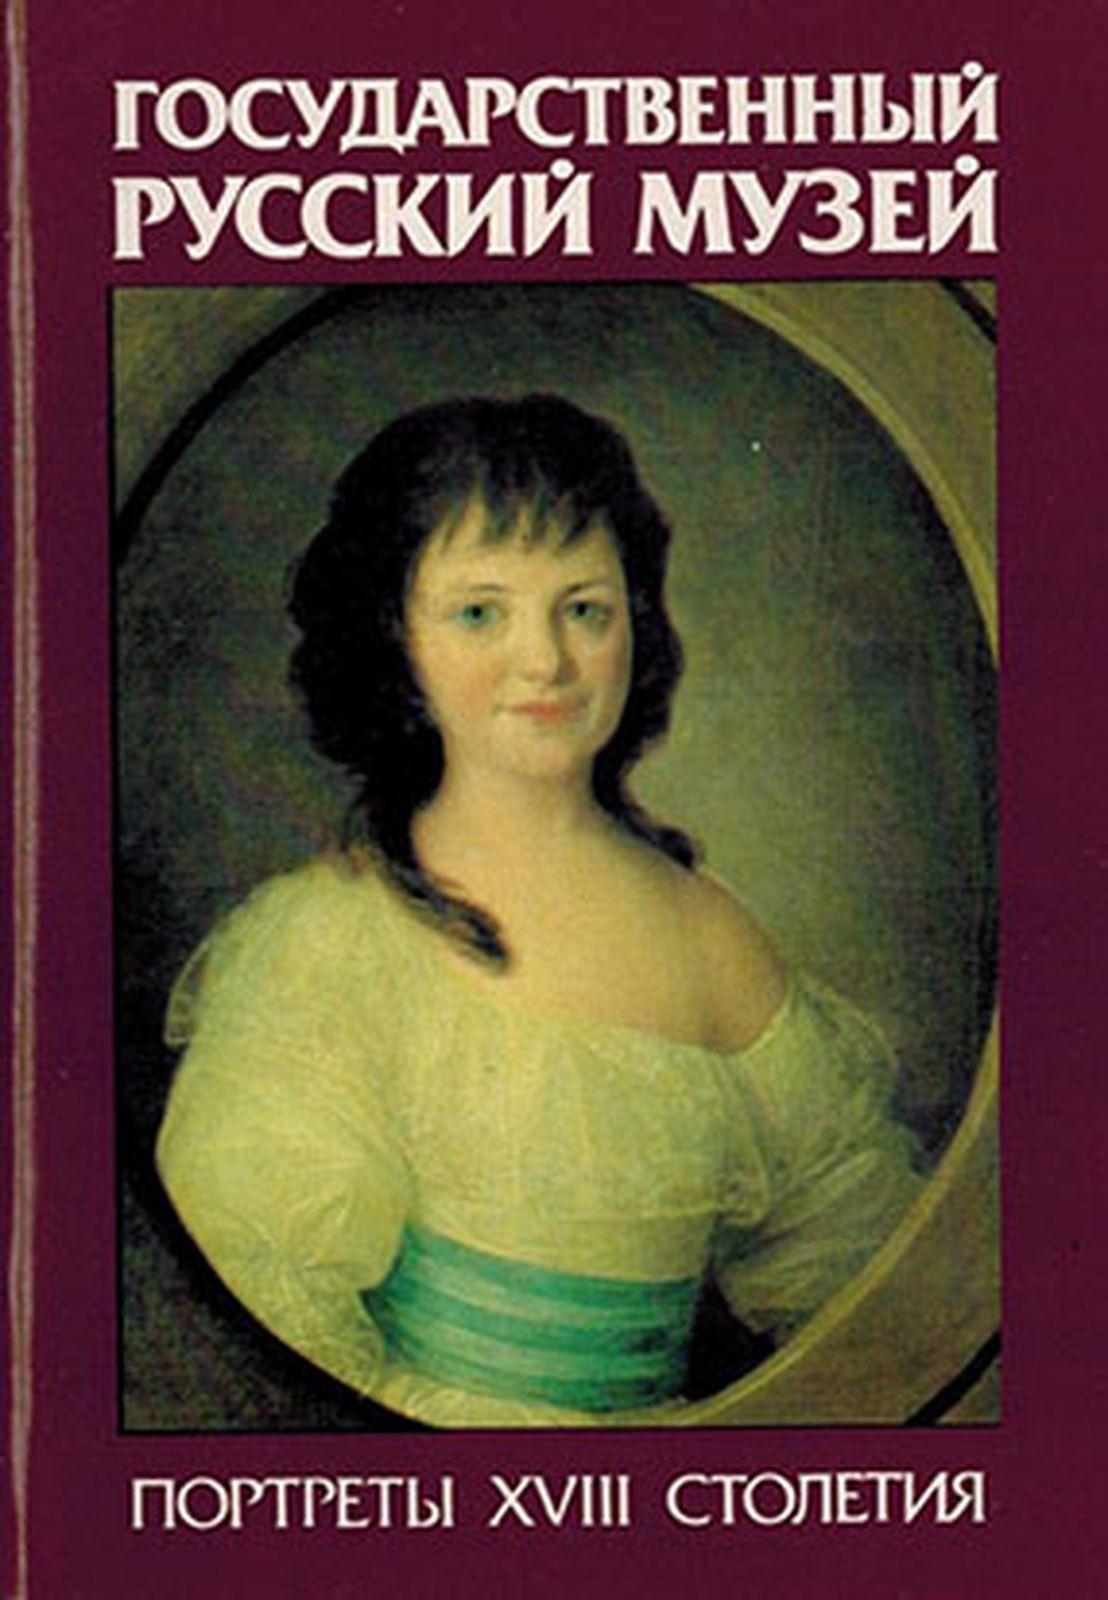 Государственный Русский музей. Портреты XVIII столетия (набор из 16 открыток)